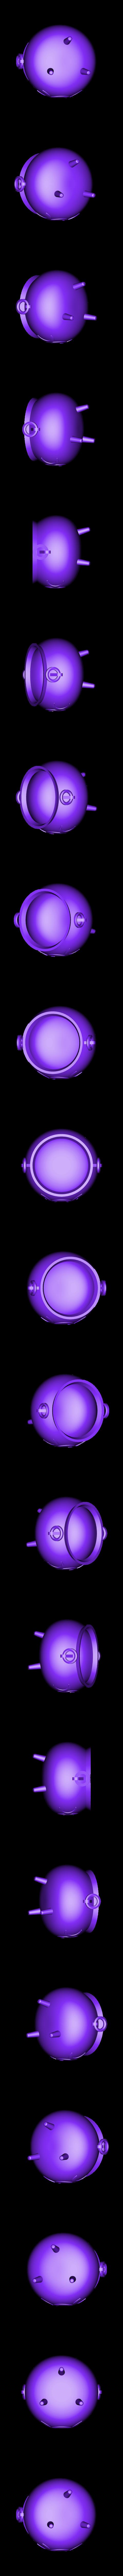 Moon_phase_Cauldron_with_Ring_handles.stl Télécharger fichier STL gratuit Chaudrons d'Halloween • Modèle pour imprimante 3D, tone001